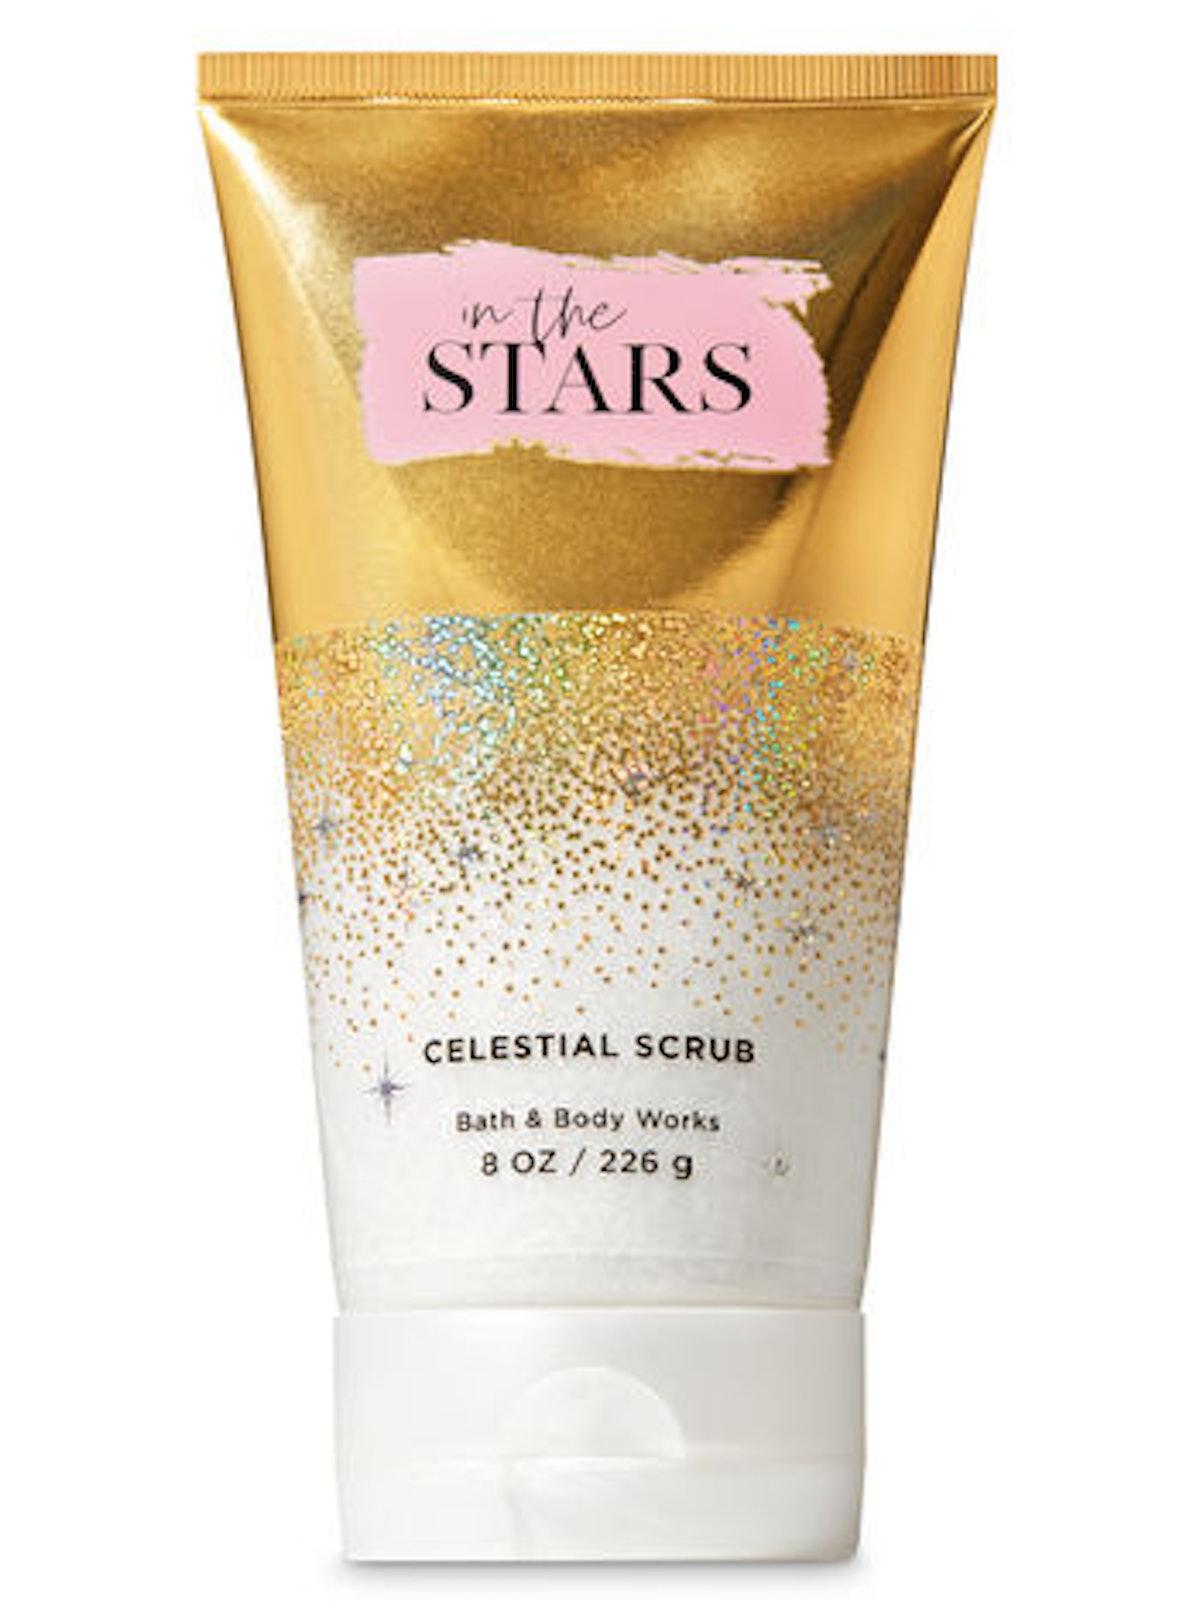 In The Stars Celestial Scrub